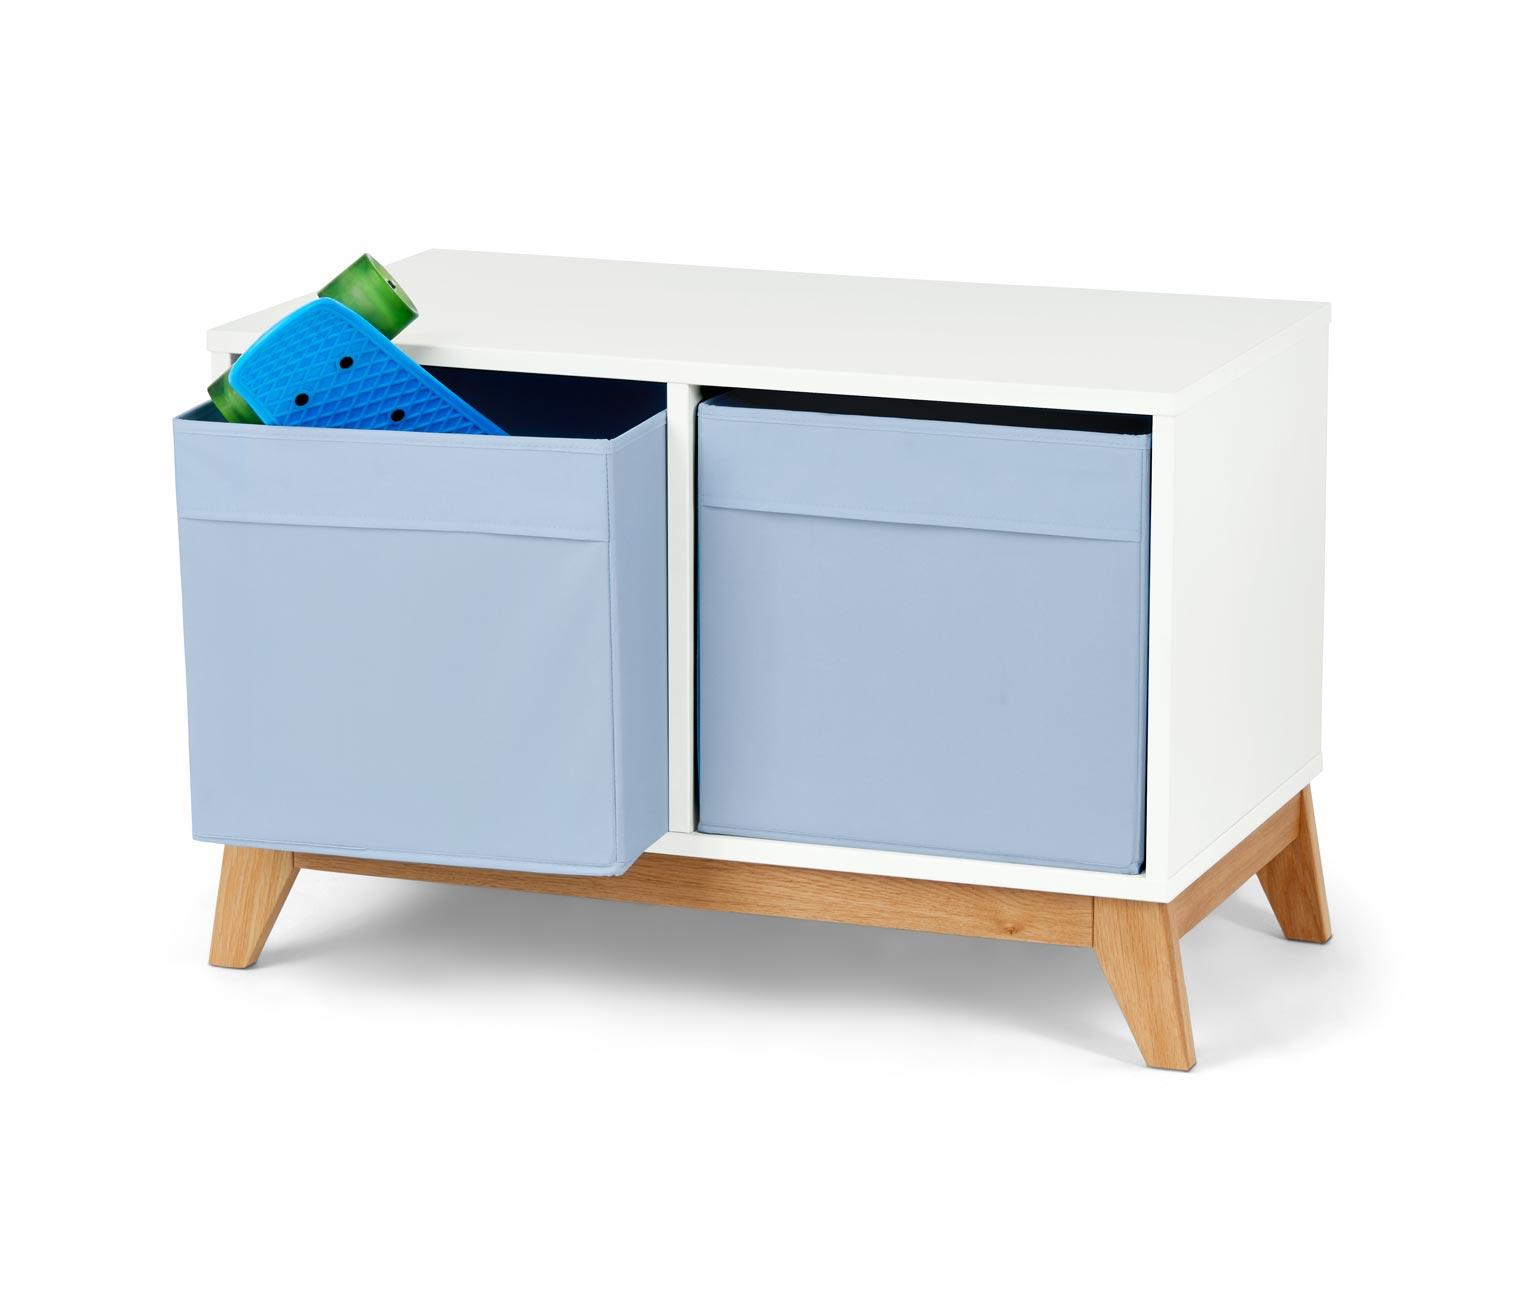 Image of Truhe mit Textilschubladen, blau